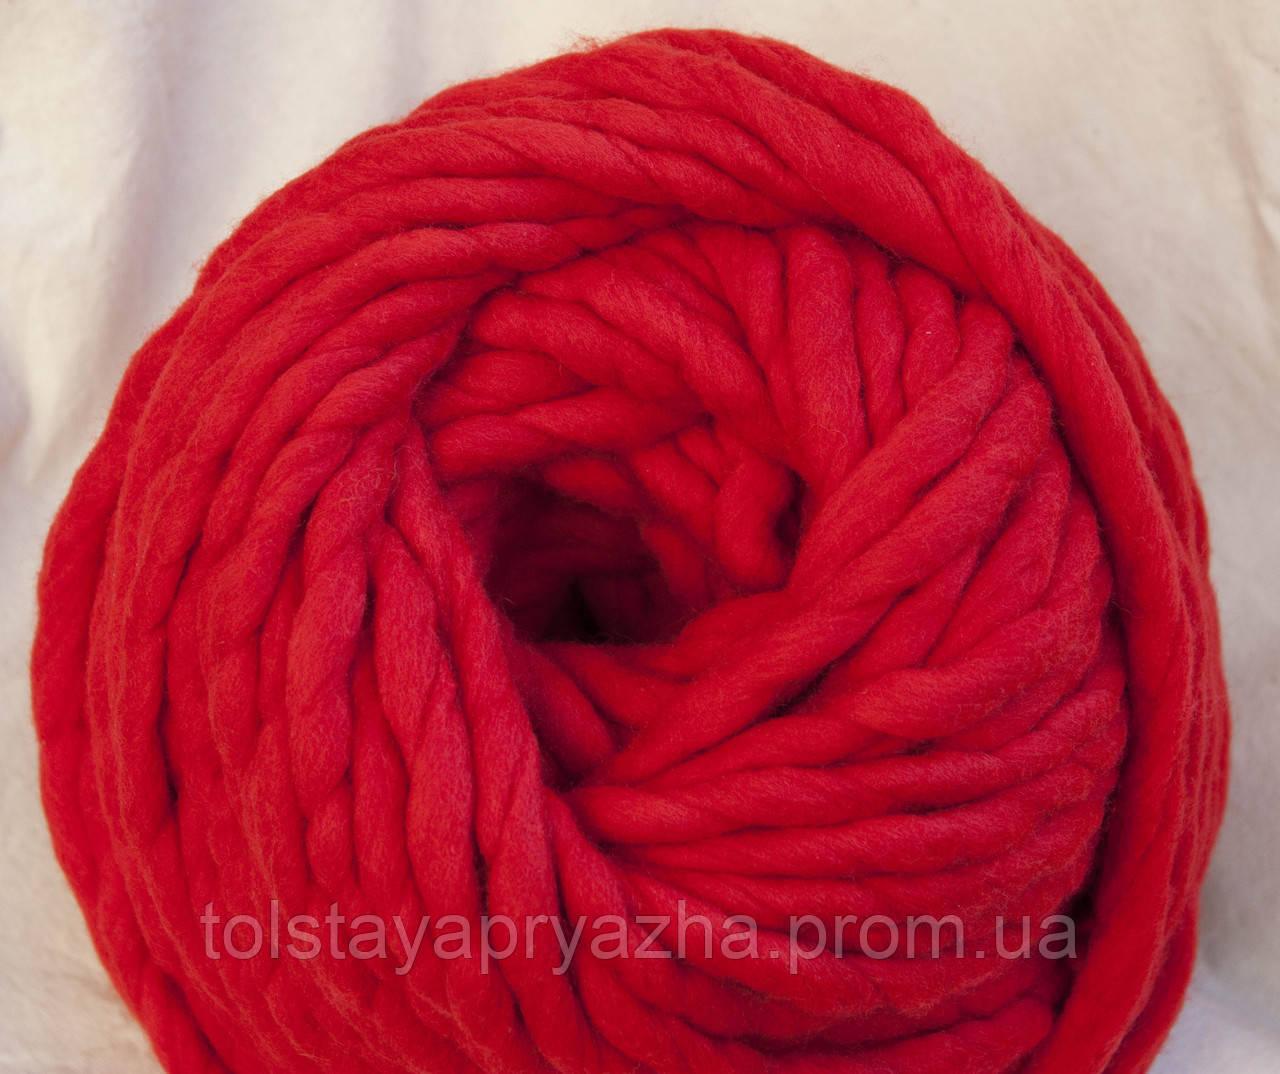 Товста пряжа ручного прядіння Elina Tolina 100% вовна (оброблена) червоний